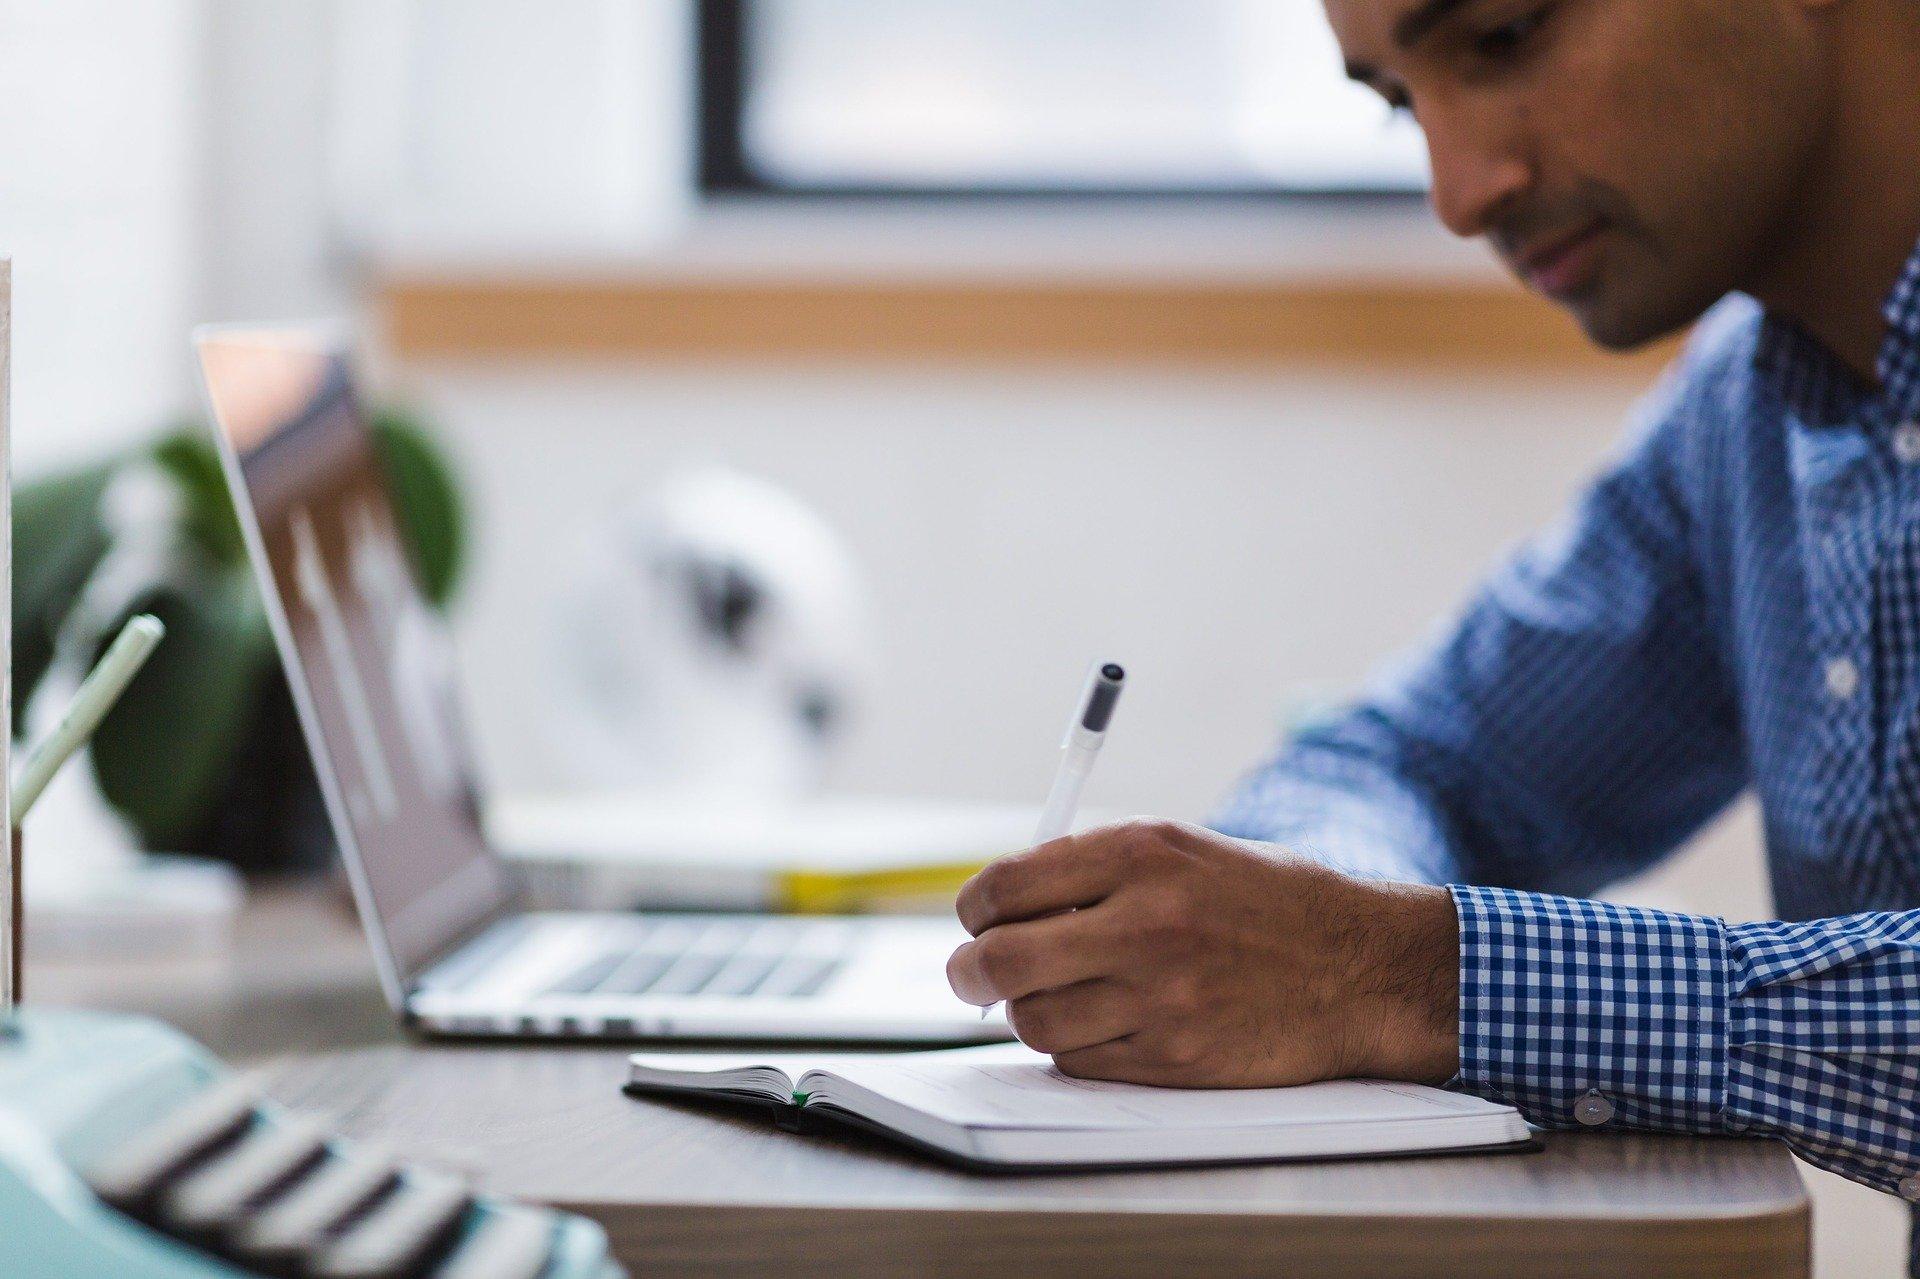 Senar oferece 29 cursos gratuitos online; veja as opções